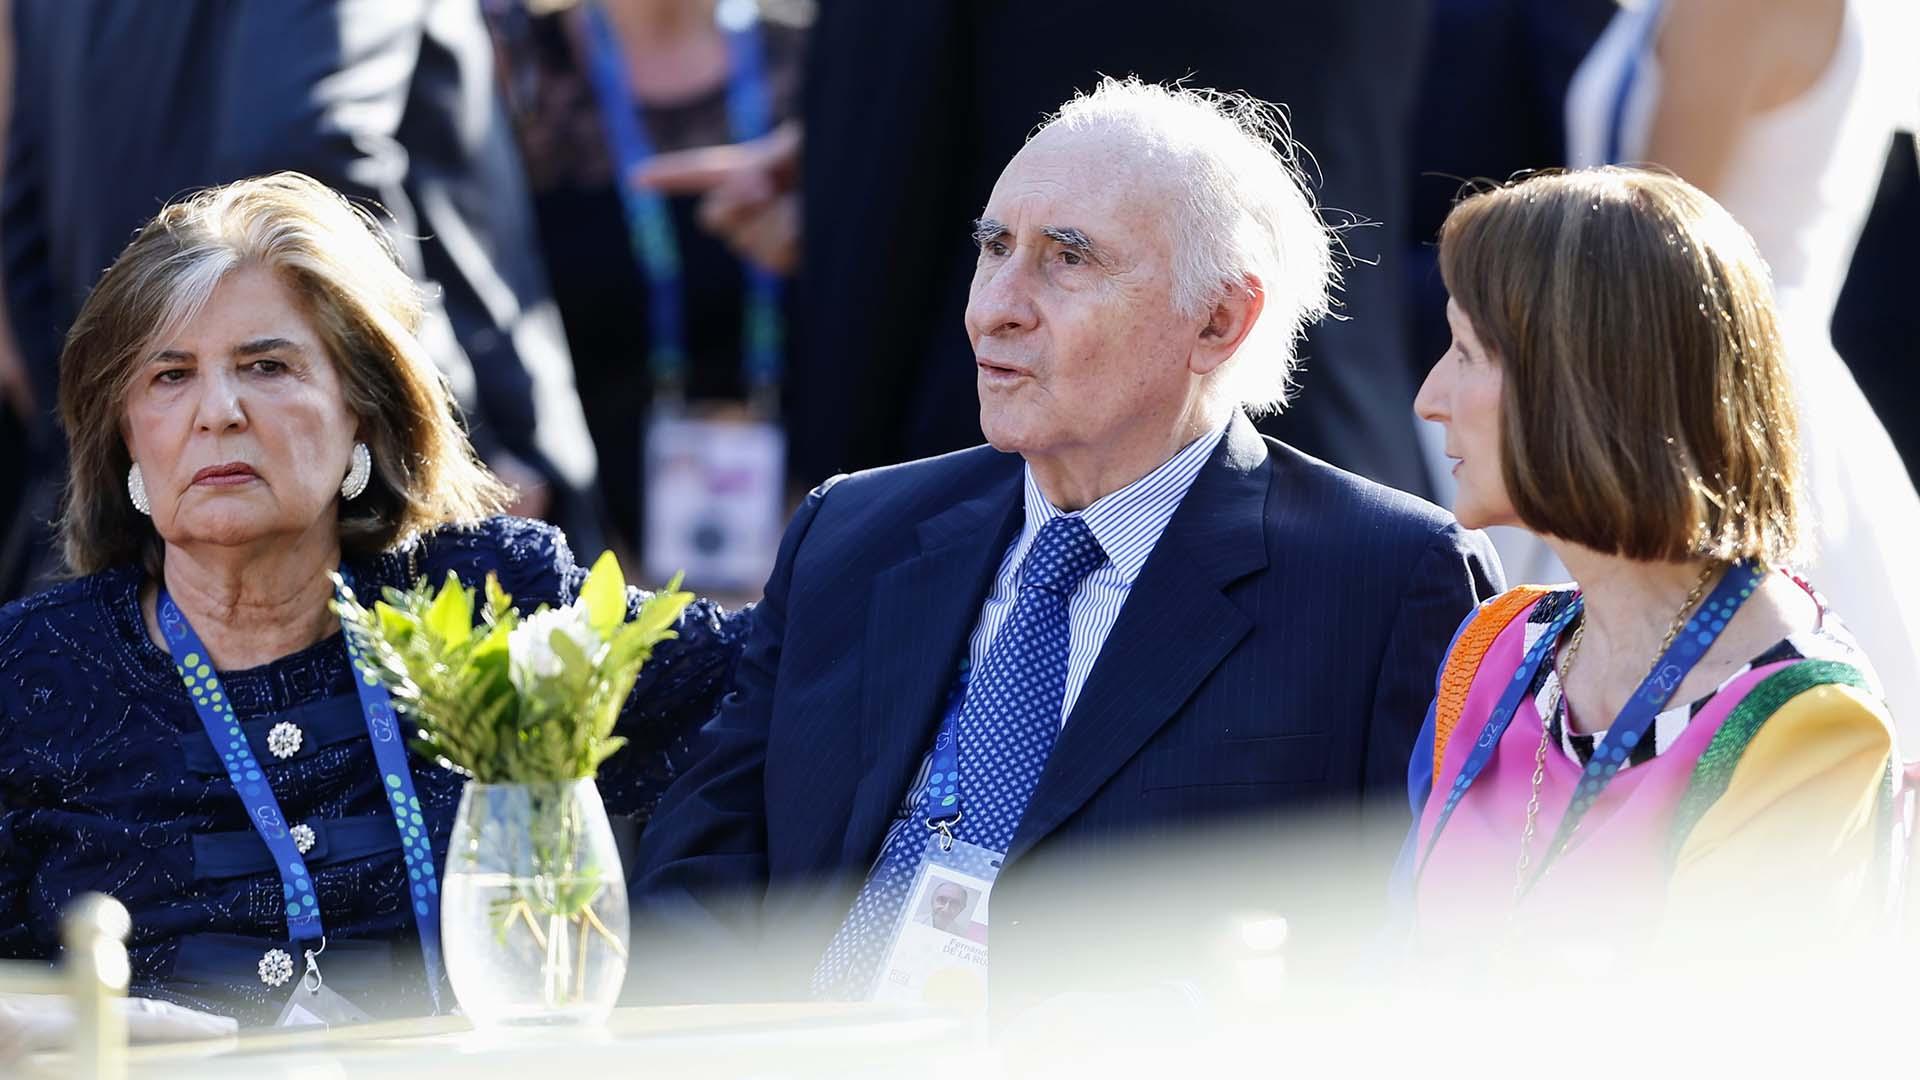 El ex presidente de la Nación, Fernando De la Rua, junto a su mujer Inés Pertiné y Teresa Anchorena